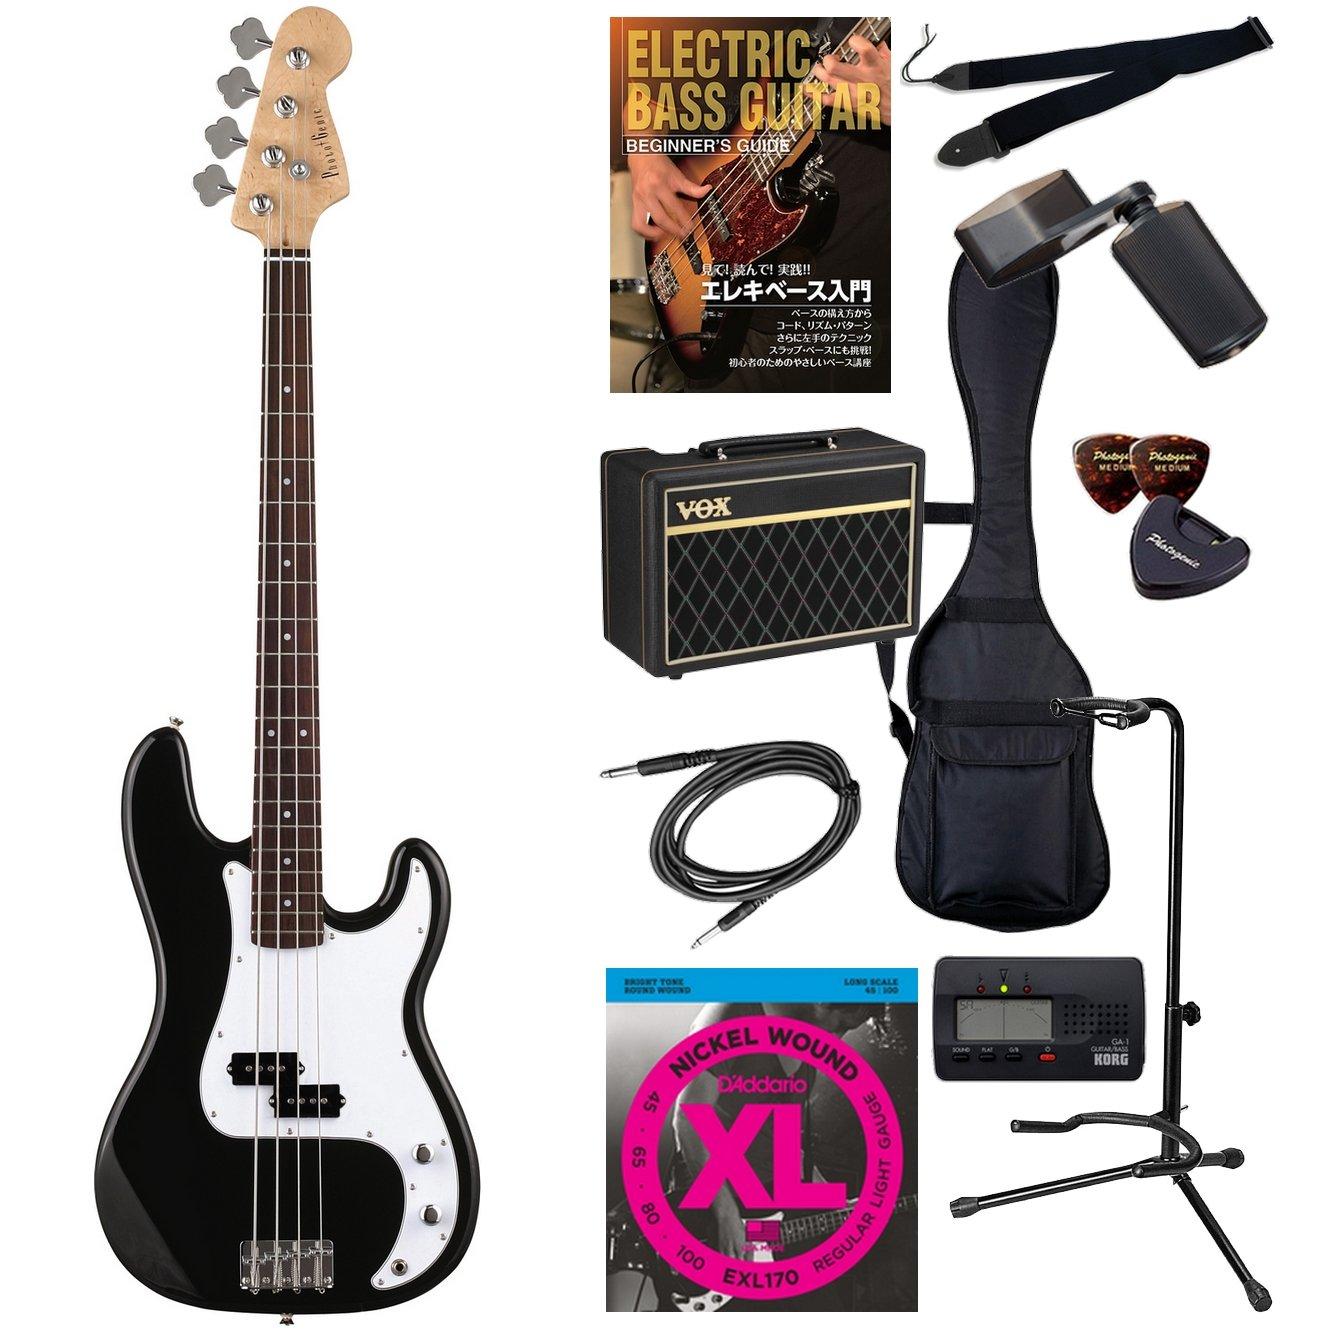 PhotoGenic エレキベース Amazonオリジナル12点 Pathfinder Bass10セット プレシジョンベースタイプ PB-240/BK/W3P ブラック/白ピックガード B00CSHTGJO ブラック(ホワイトピックガード) ブラック(ホワイトピックガード)